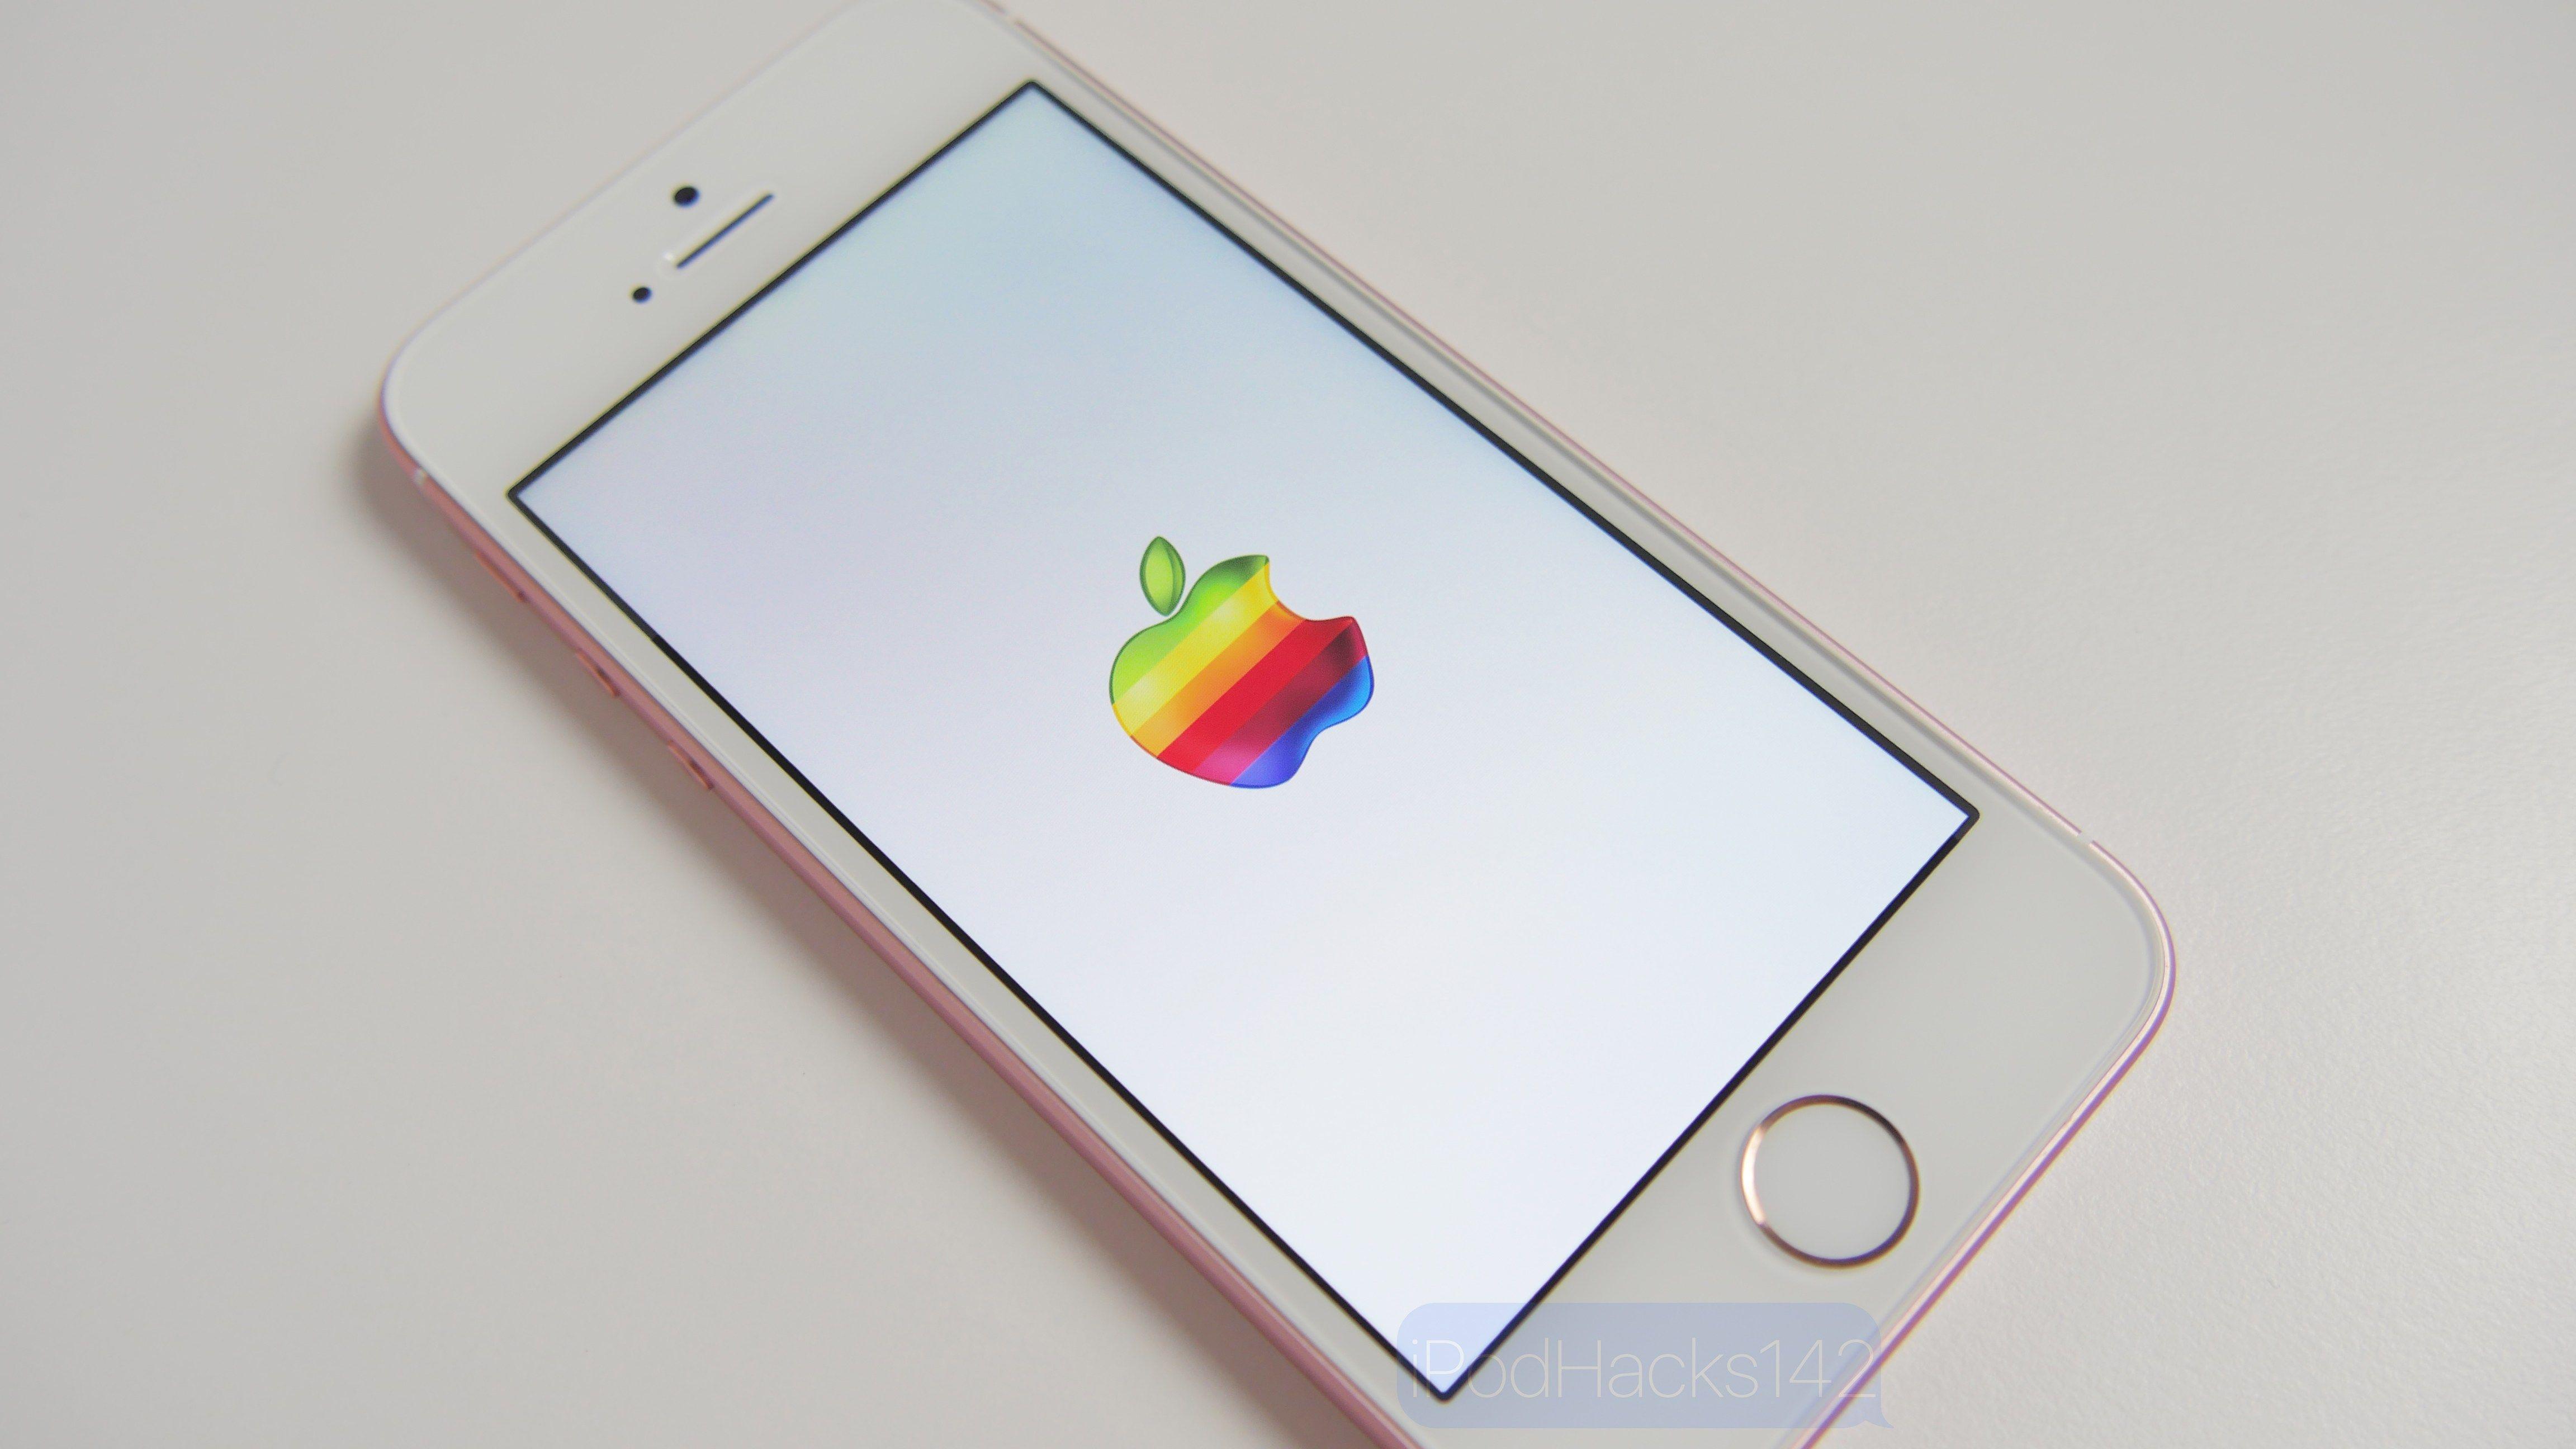 Jak zmienić logo przy uruchamianiu iPhone'a na własne bez Jailbreak'a?